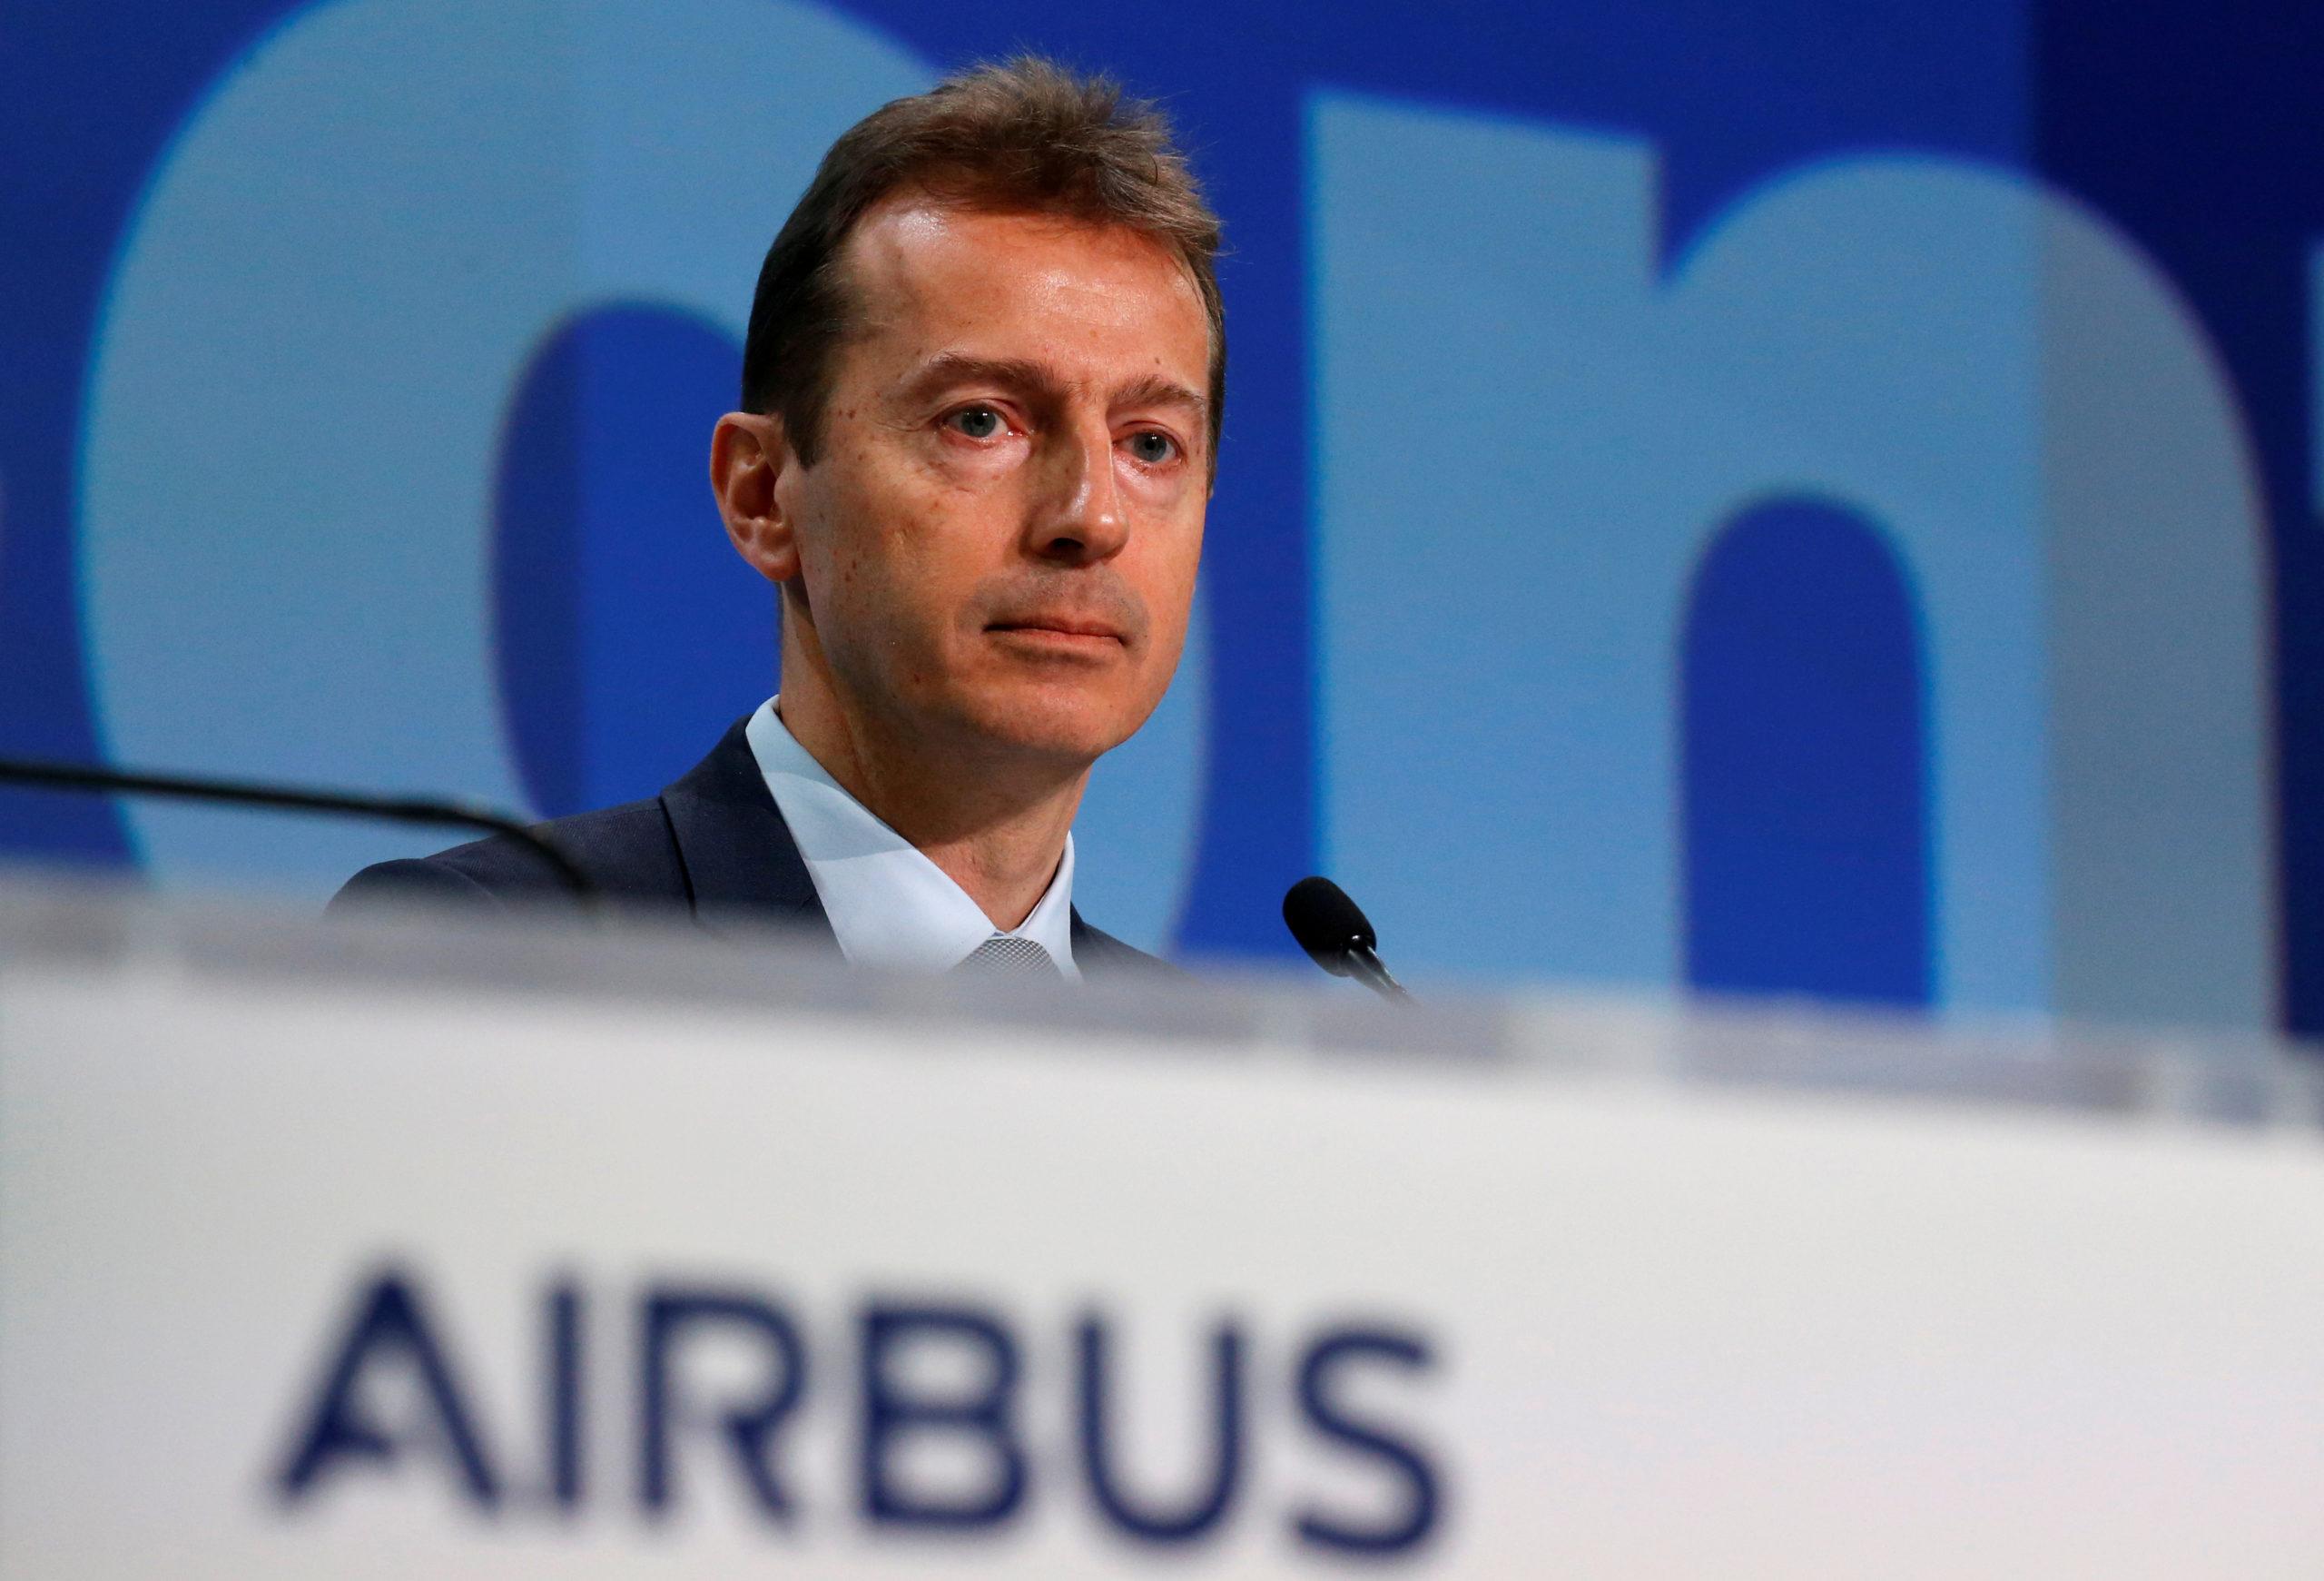 Airbus appelle à un cessez-le-feu dans la guerre des subventions